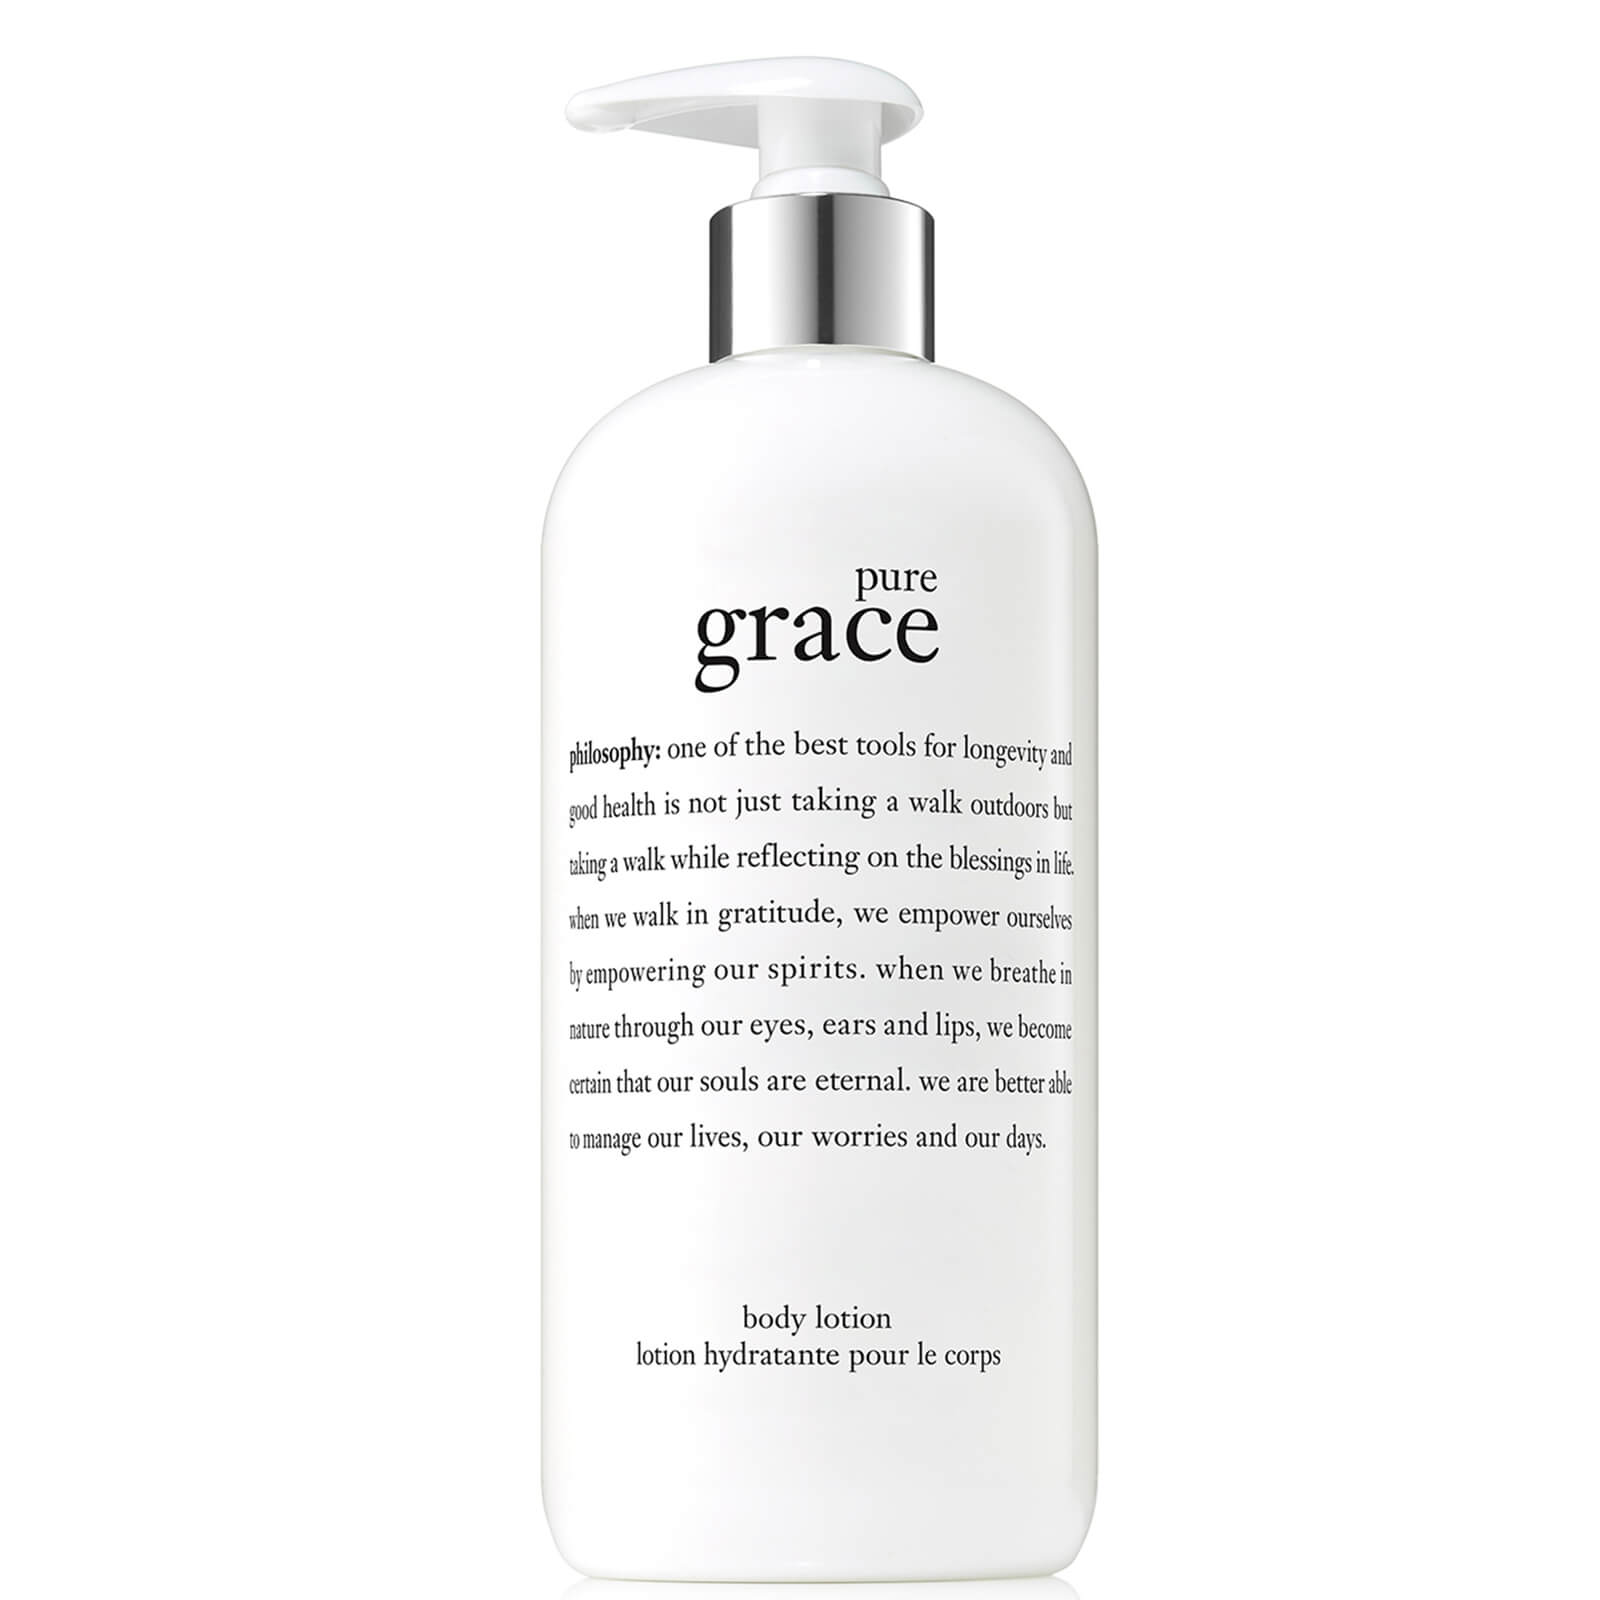 Купить Лосьон для тела philosophy Pure Grace Body Lotion 480 мл